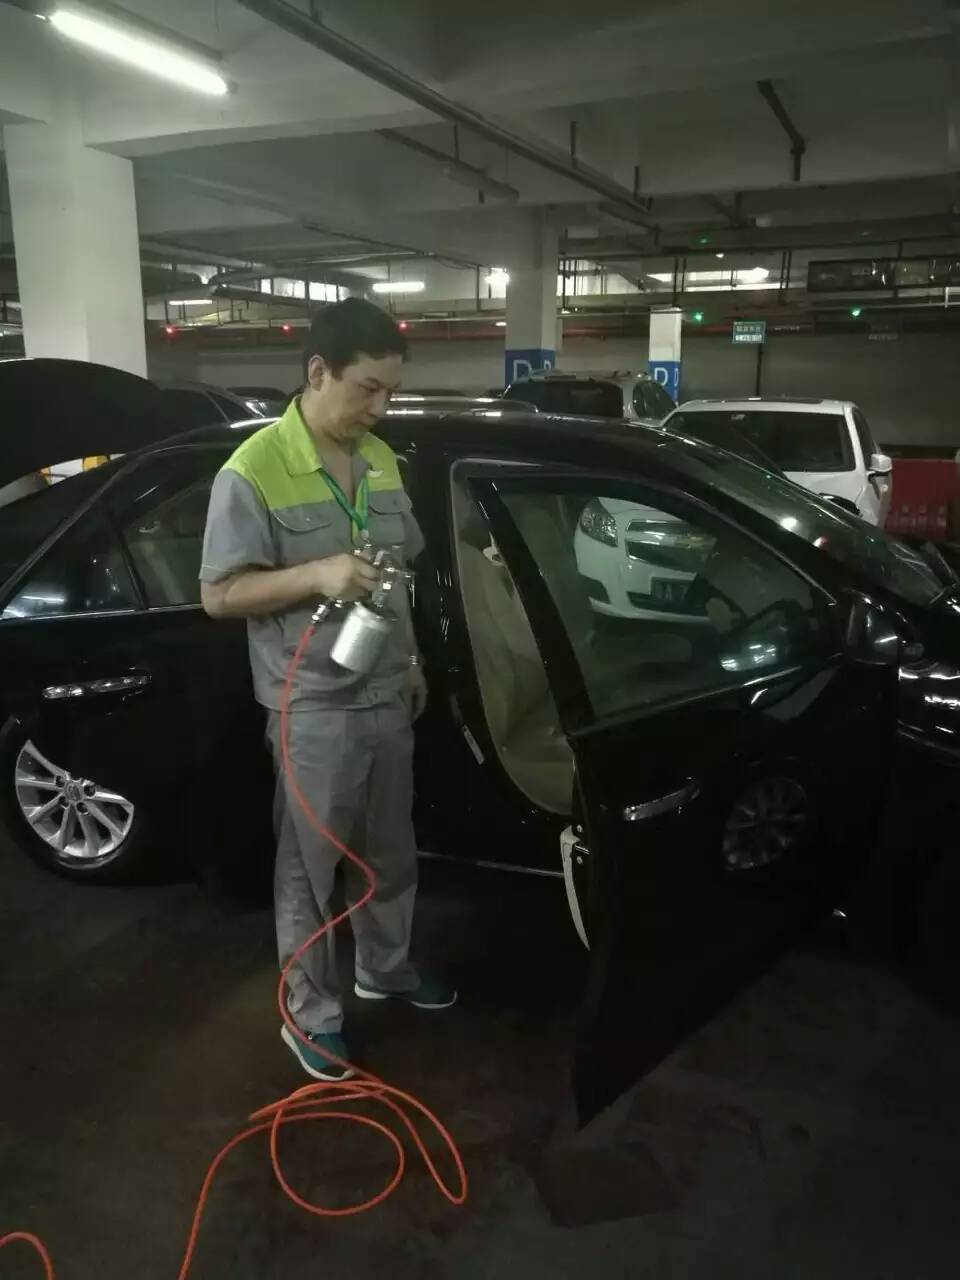 夏天来了汽车除甲醛刻不容缓|解决方案-武汉小小叶子环保科技有限公司